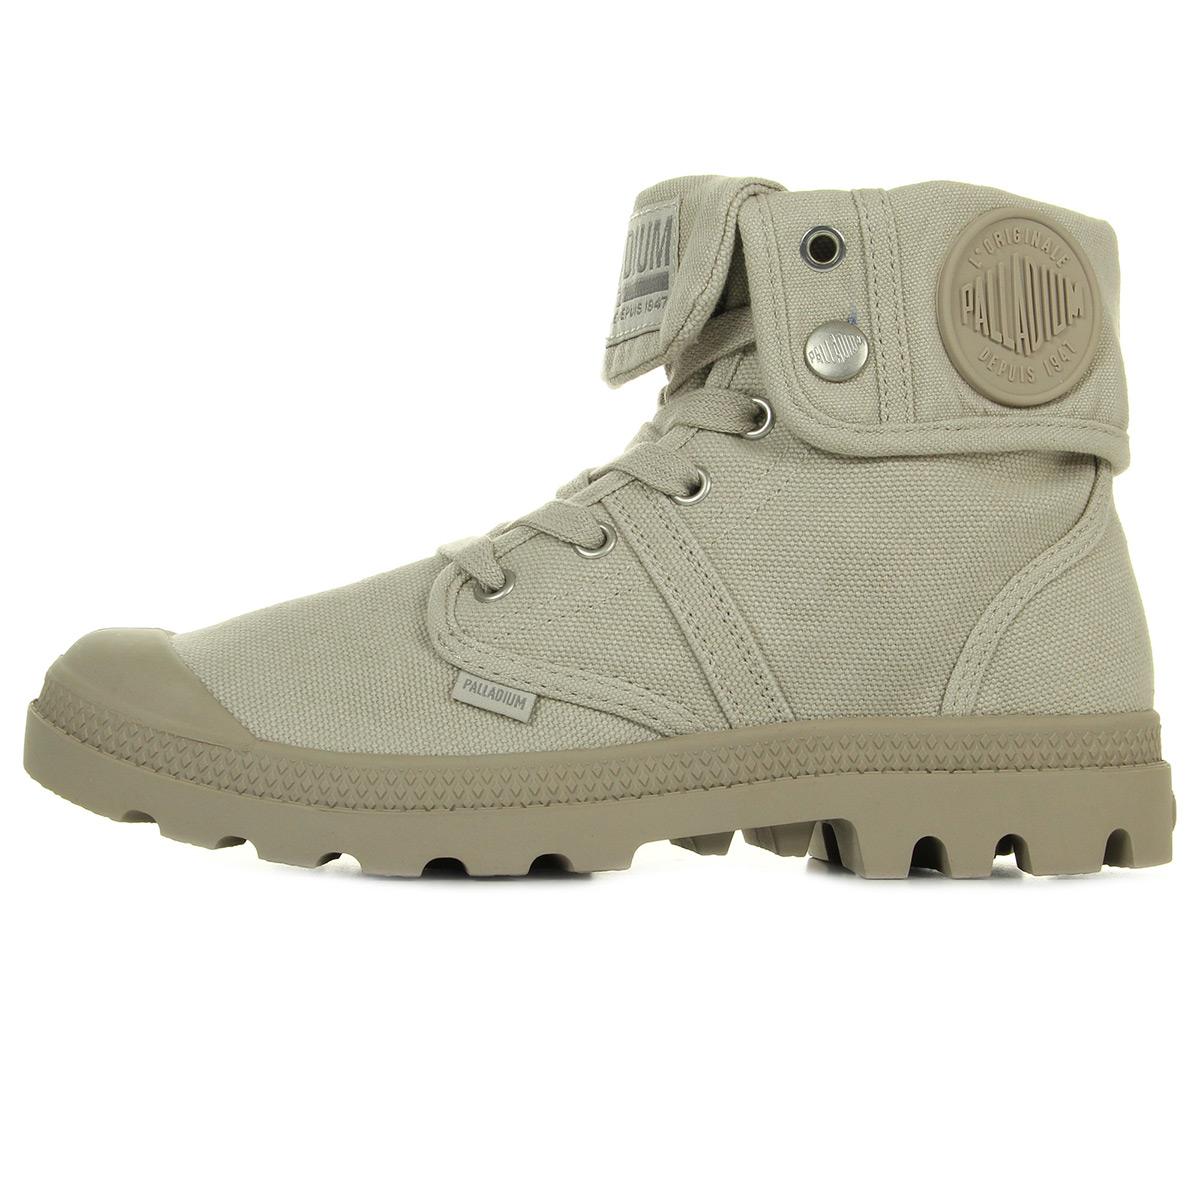 Femme Day Boots 71874k82 Baggy Rainy Us Palladium qzYOx